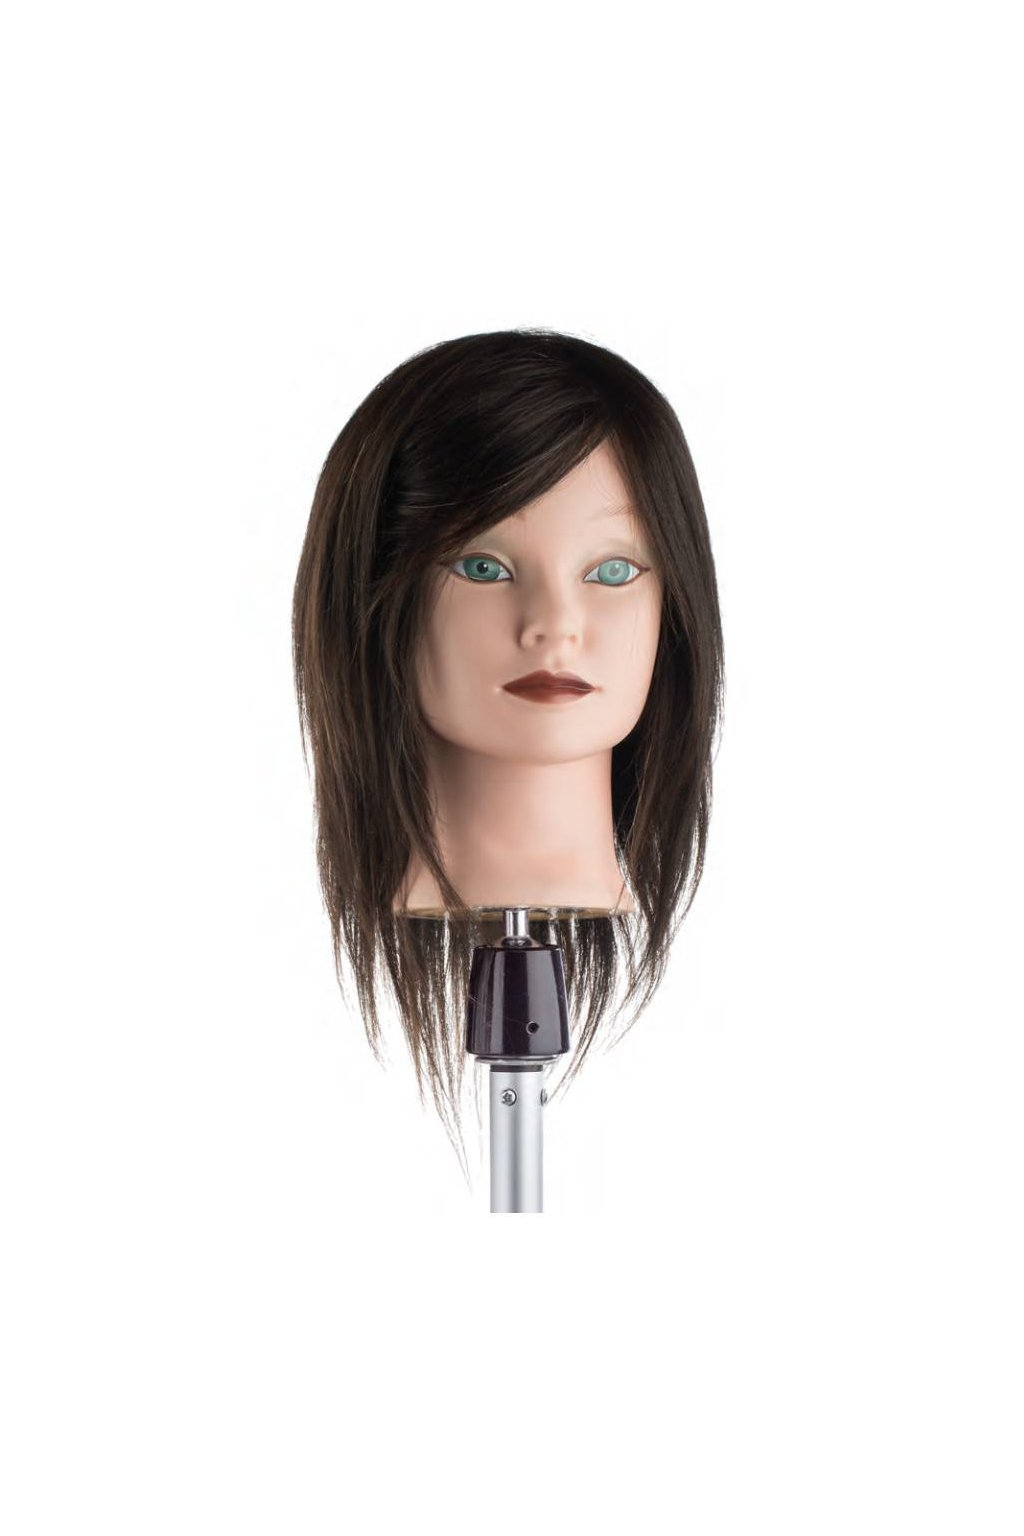 Cvičná hlava 100% lidské vlasy, barva č.4, délka vlasů 25/30cm